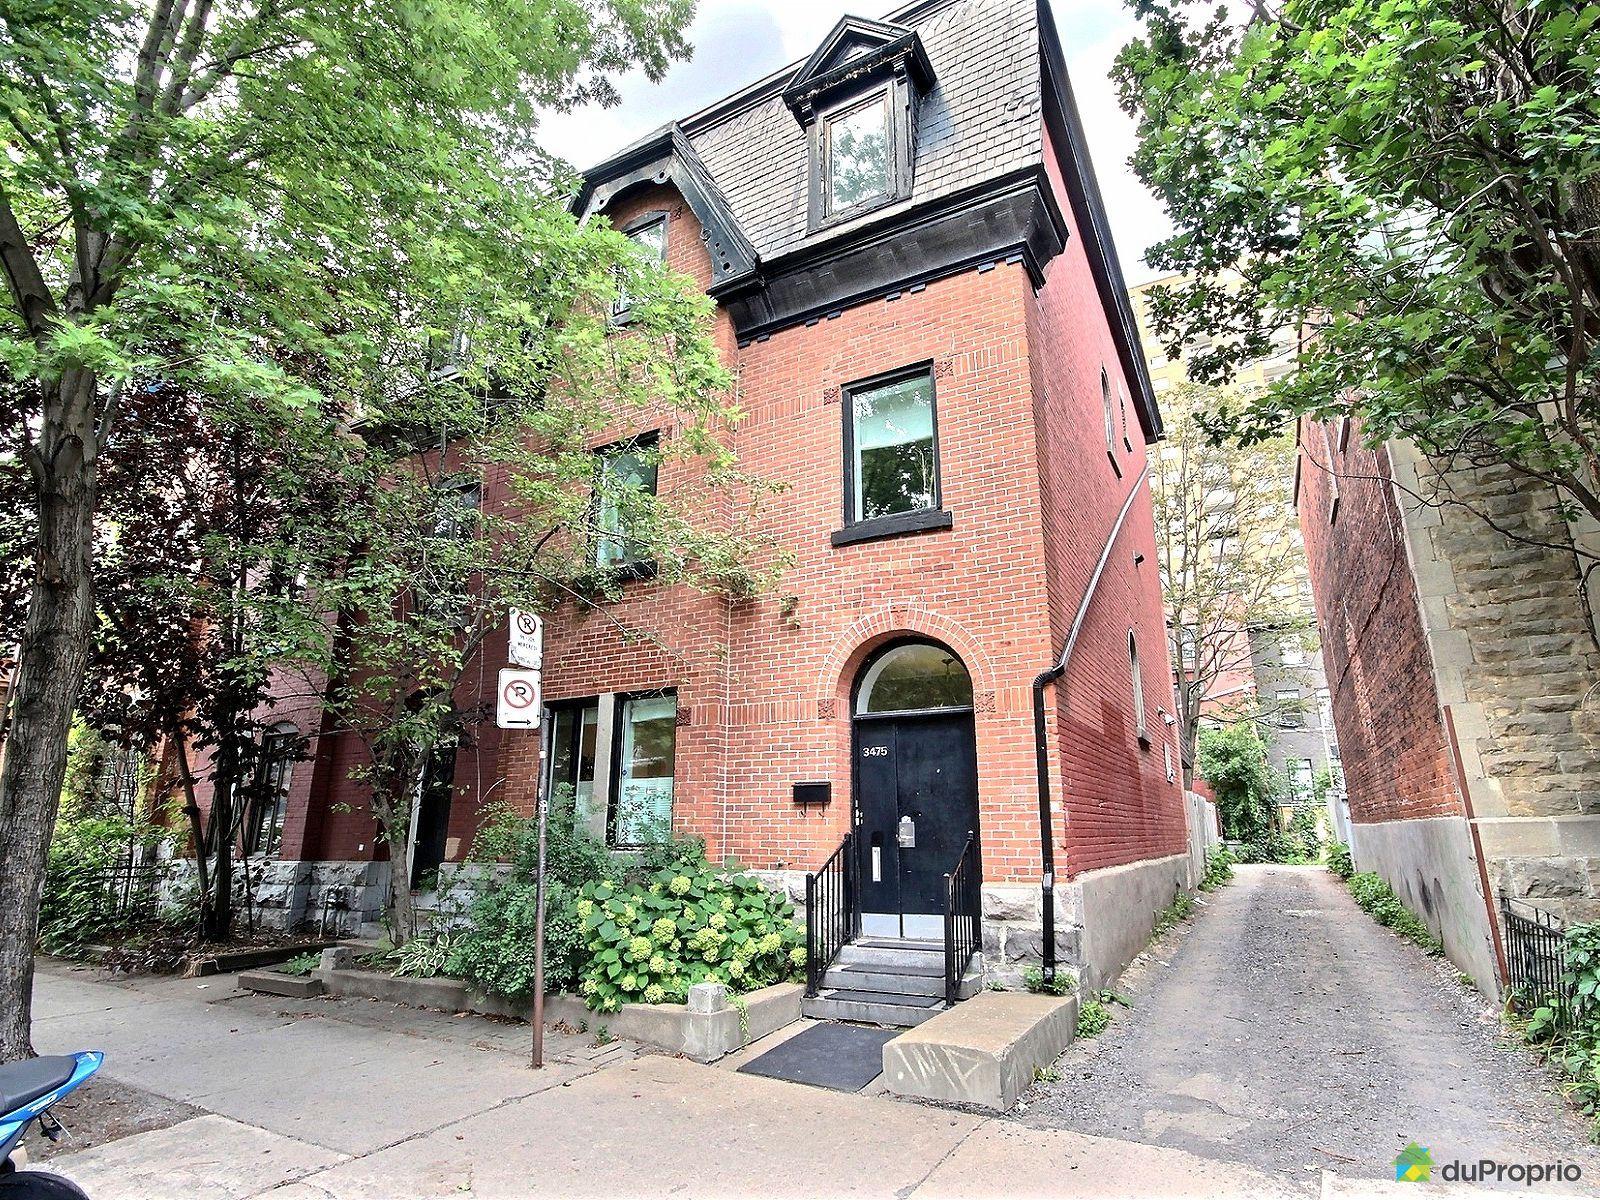 3475 rue jeanne mance ville marie centre ville et vieux mtl vendre duproprio. Black Bedroom Furniture Sets. Home Design Ideas